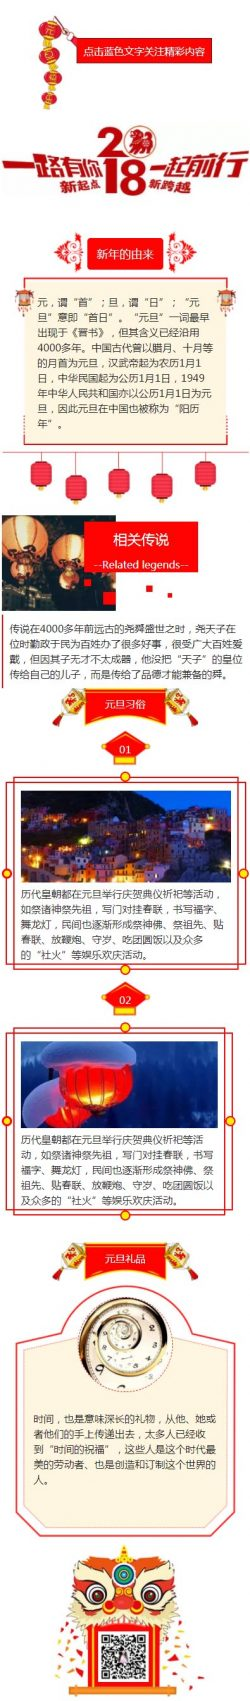 2018年新年元旦红色中国风中国红喜庆中国年